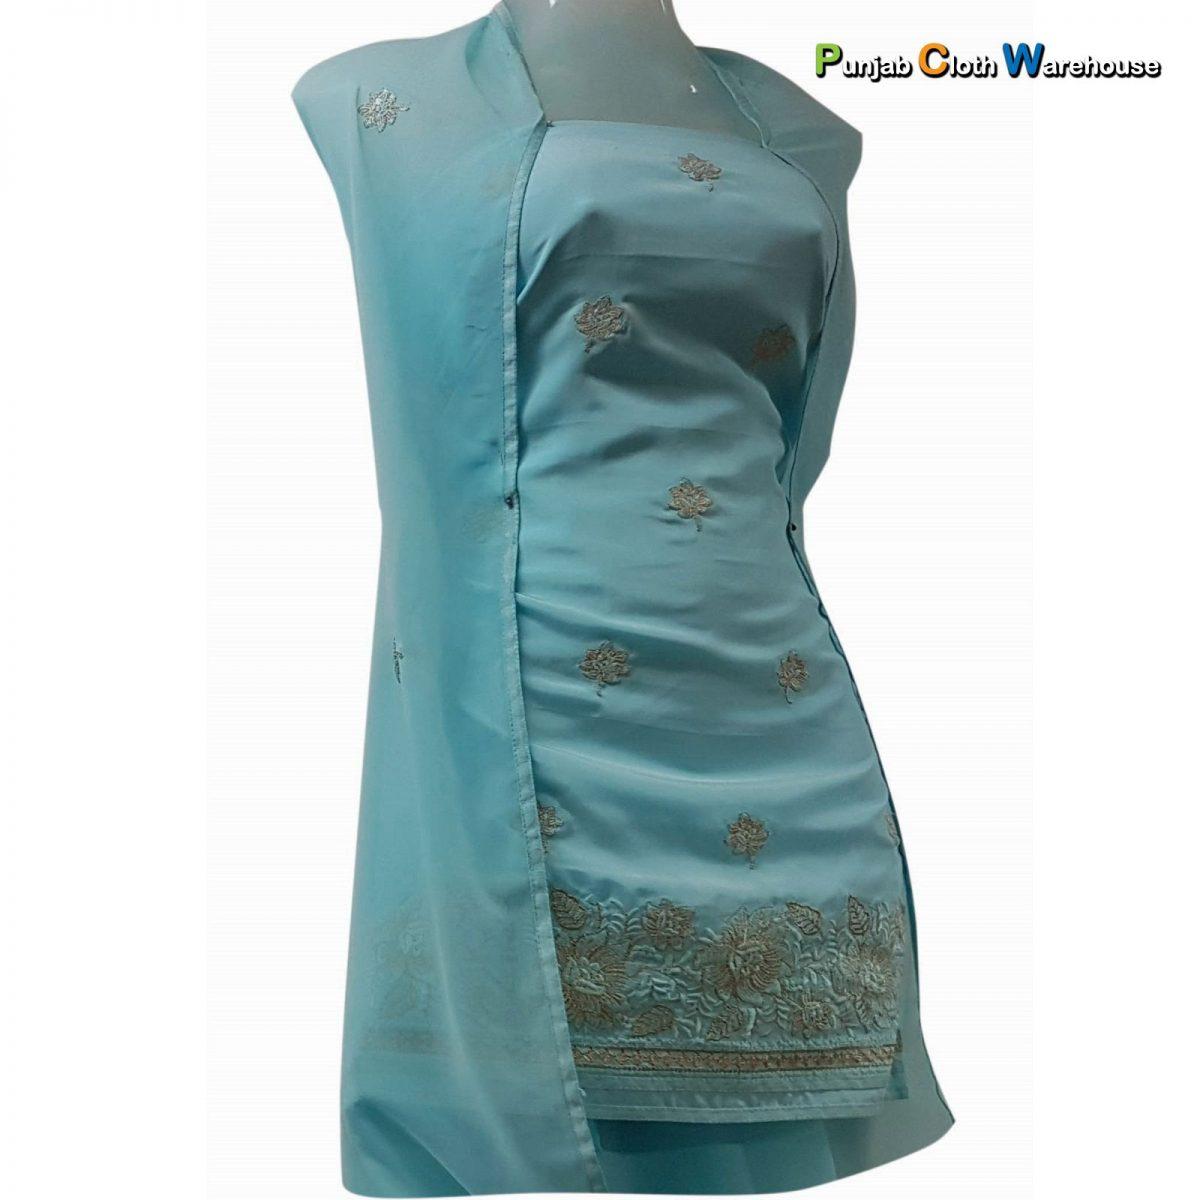 Ladies Suits - Cut Piece - Punjab Cloth Warehouse, Surrey (50)